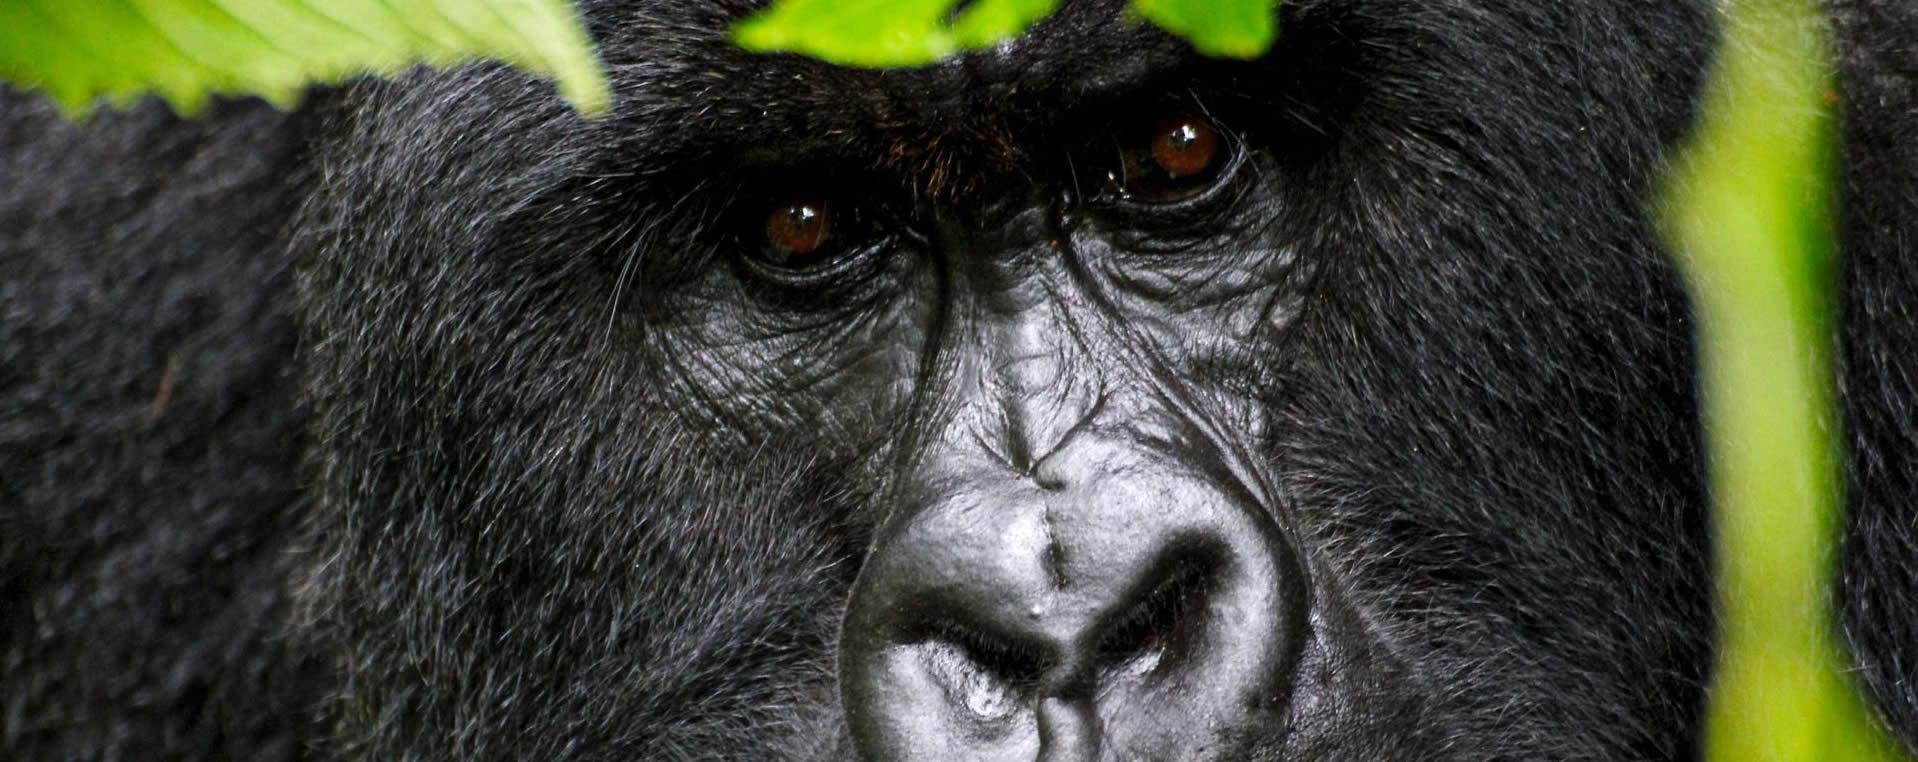 1 Day Rwanda Gorilla Trekking tour & Safaris